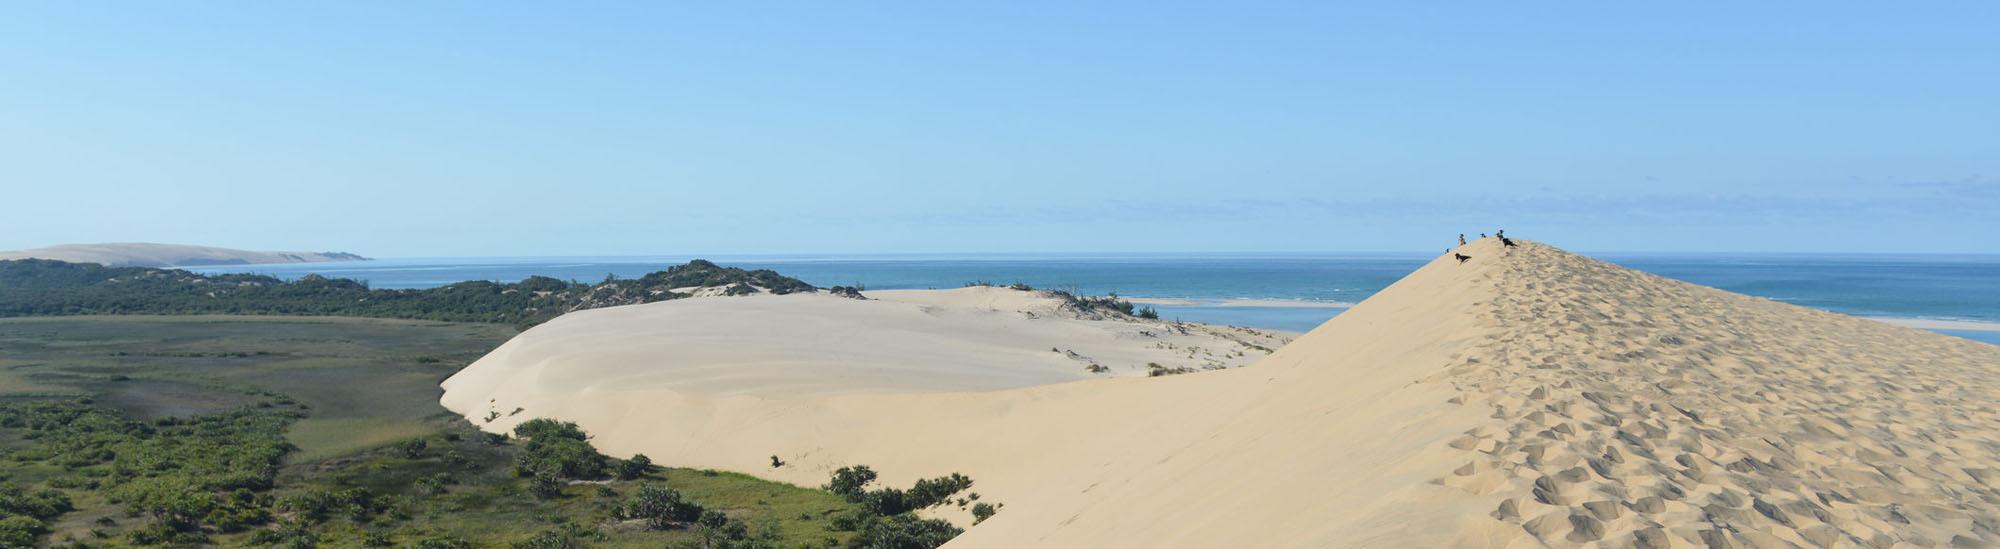 Romantic Safari & Mozambique Beach